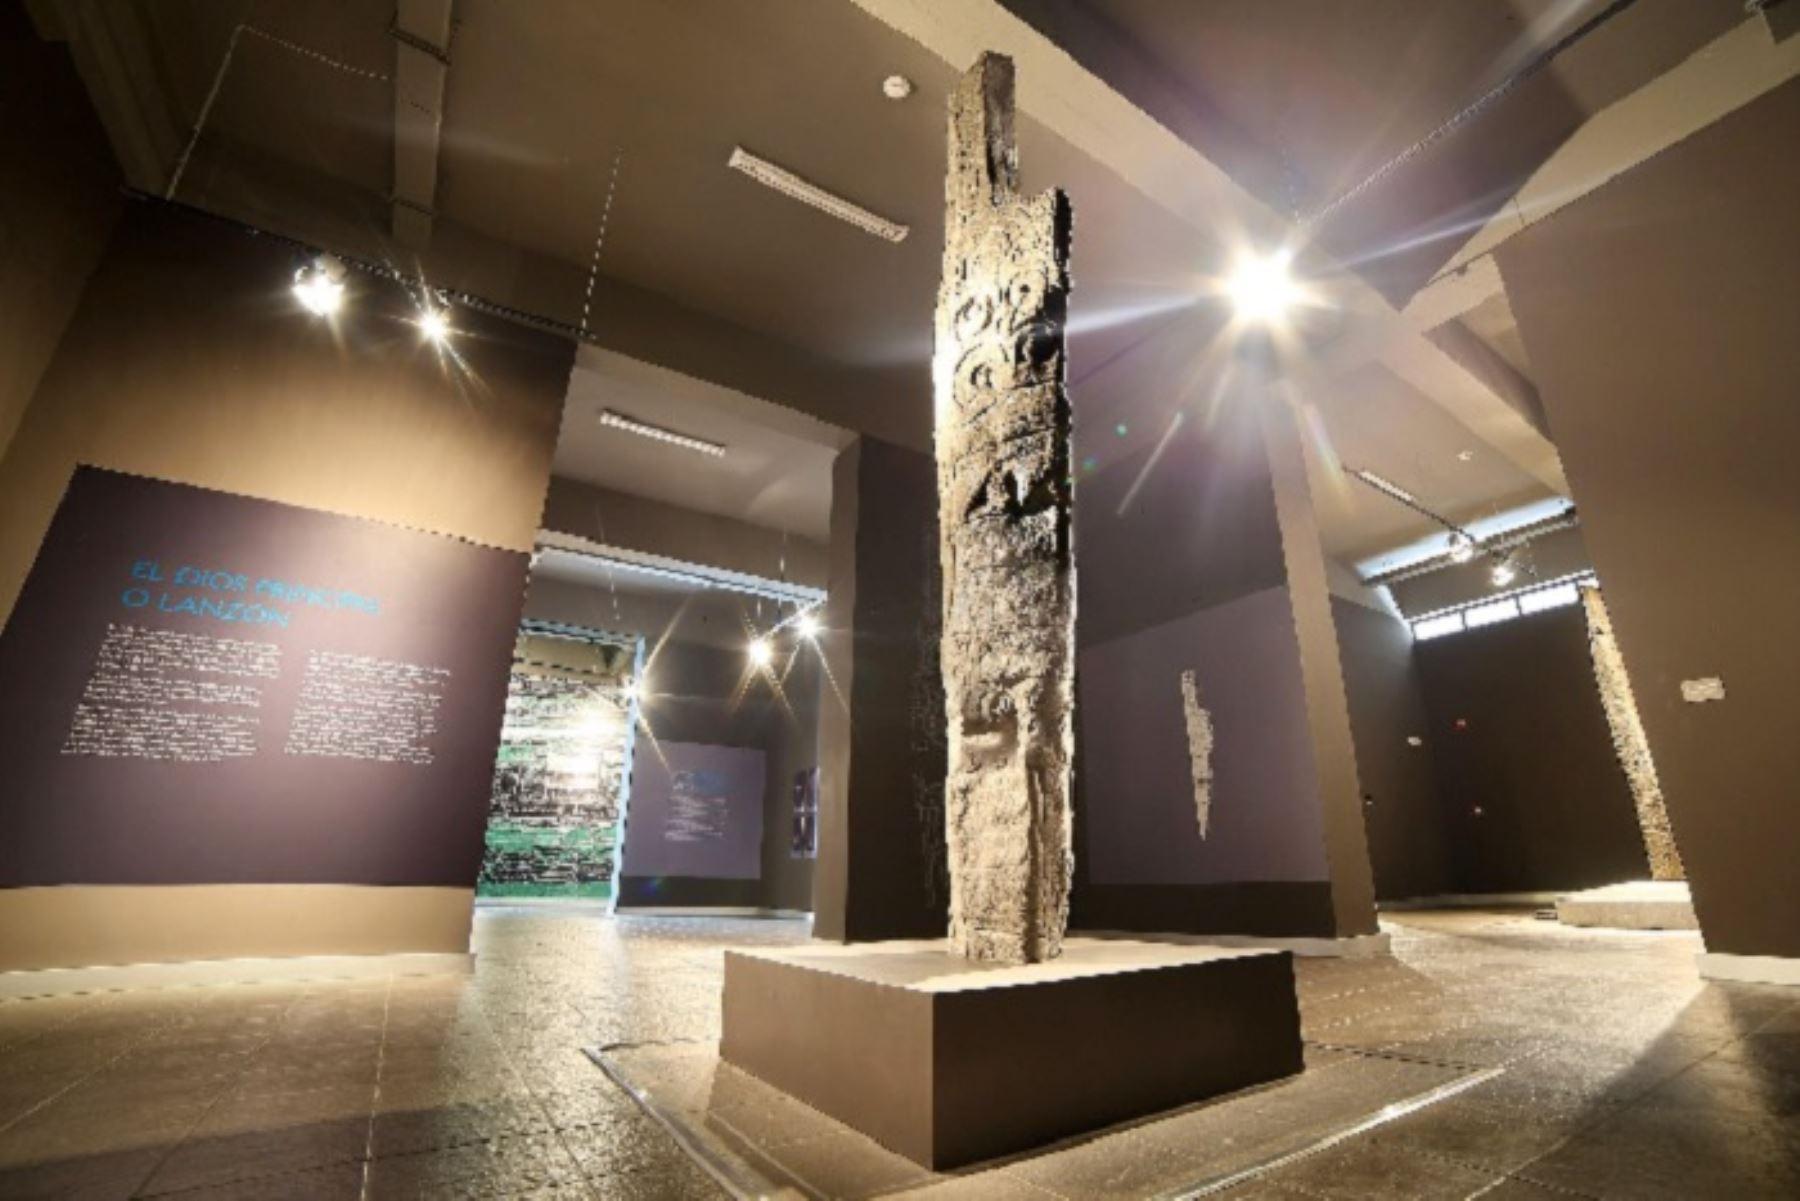 La ministra de Cultura, Patricia Balbuena, inaugurará mañana viernes 13 en el distrito ancashino Chavín de Huántar, el Centro Internacional de Investigación, Restauración y Conservación del Museo Nacional Chavín, que mostrará la magnitud del monumento arqueológico.